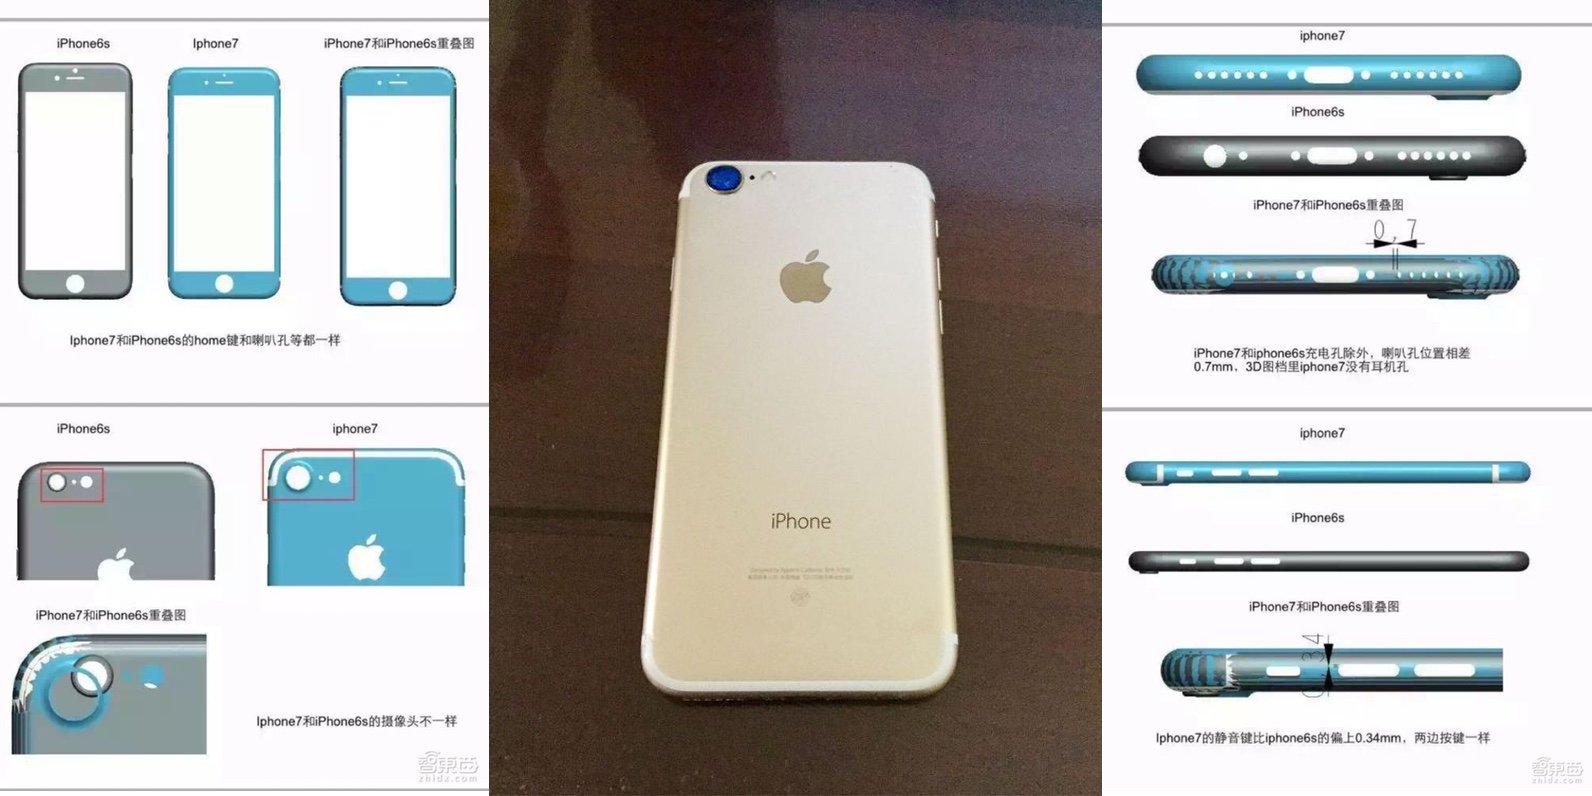 iphone-7-large-cam-jul-2016-leak